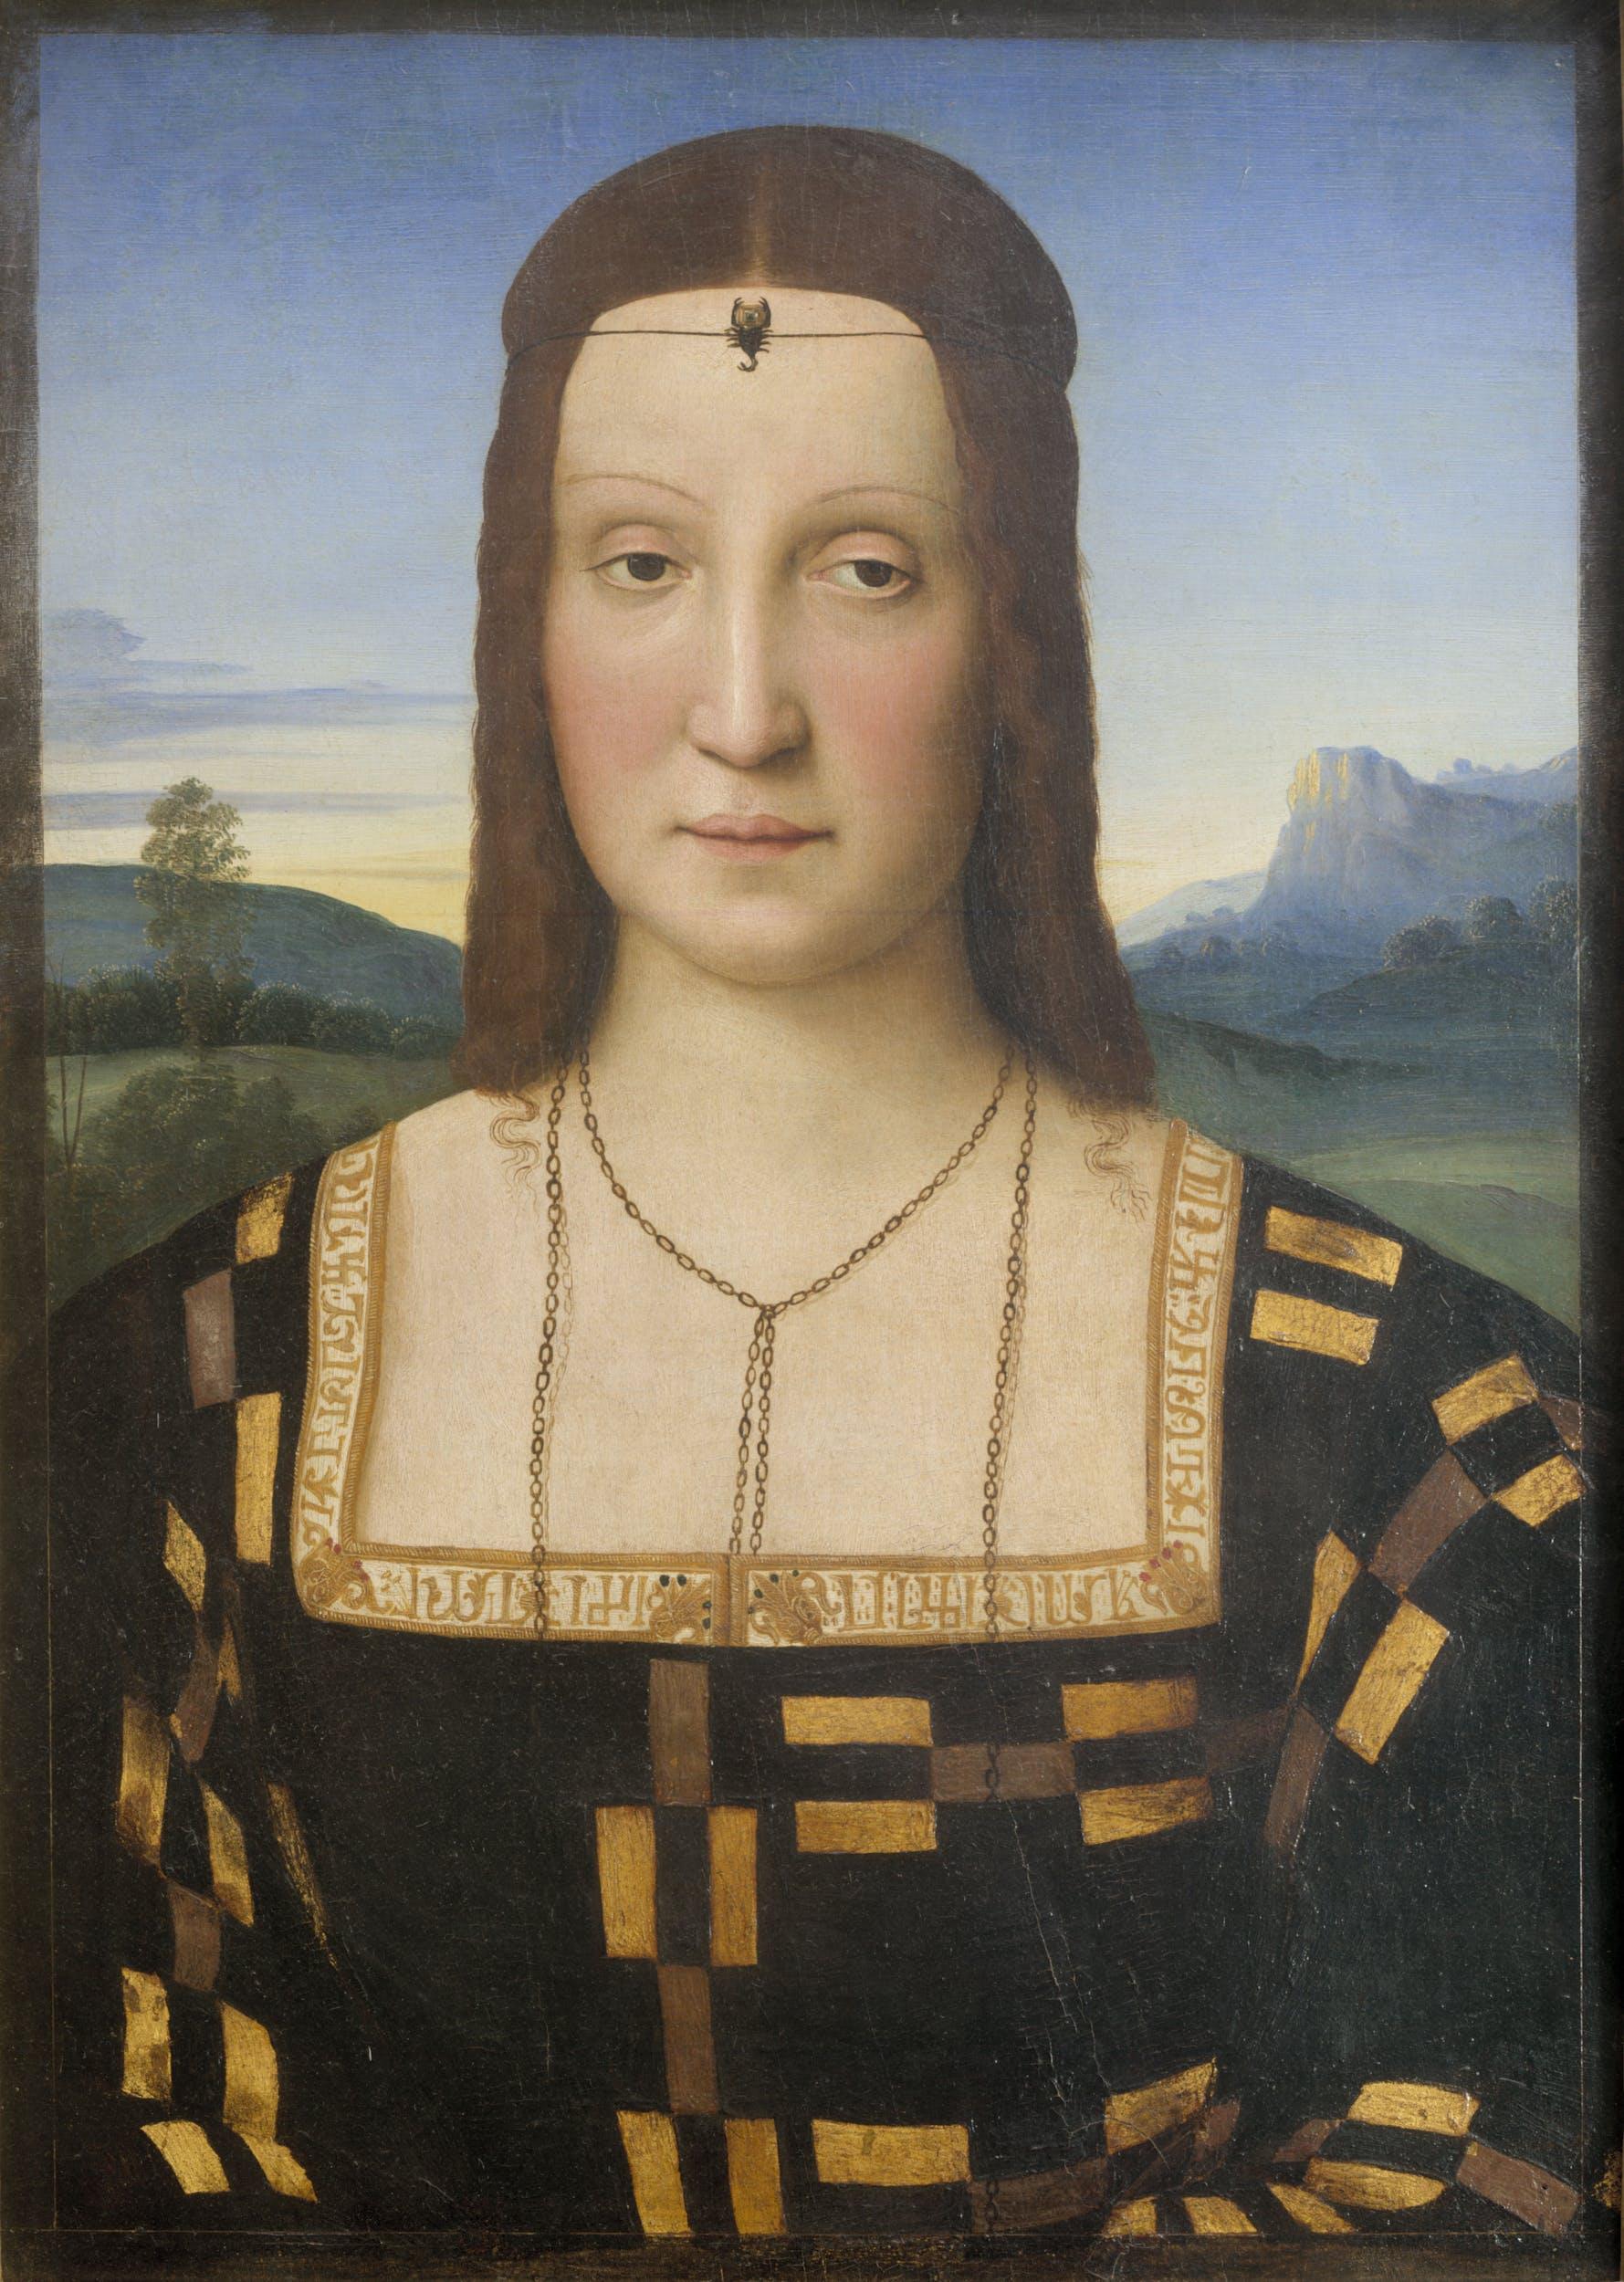 Raffaello, Ritratto di Elisabetta Gonzaga, 1500-1506, Firenze, Gallerie degli Uffizi.